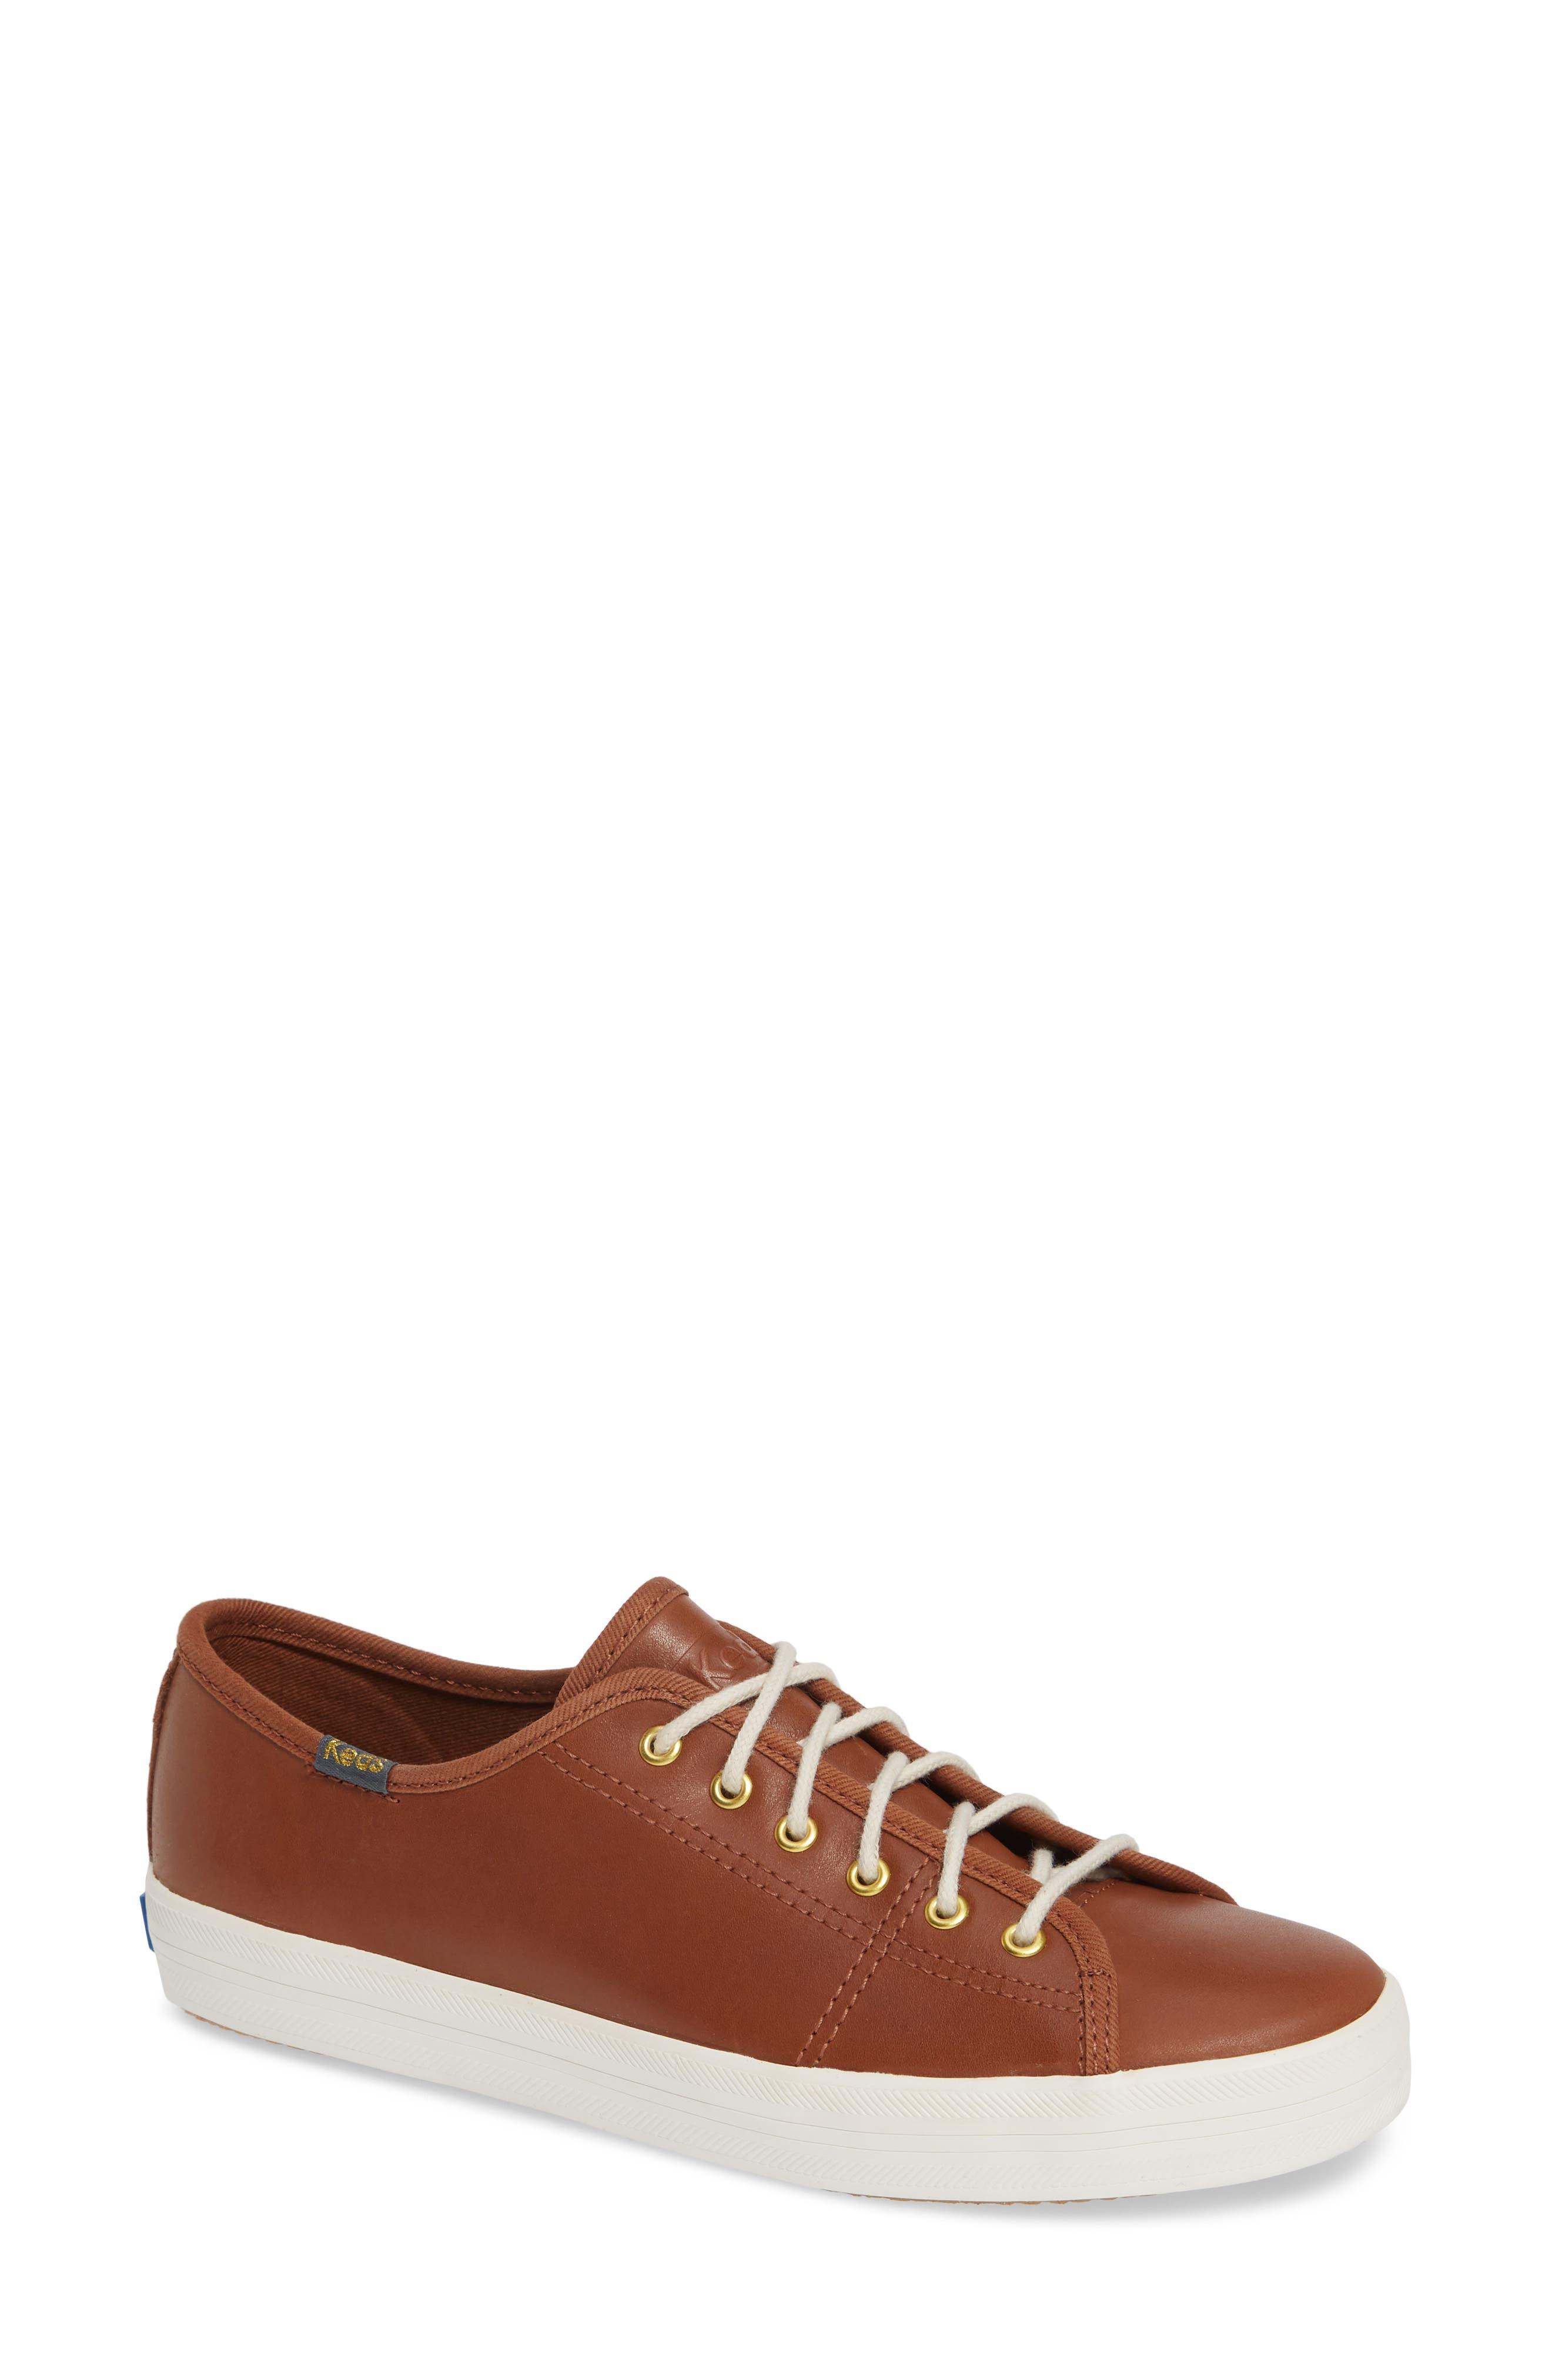 KEDS<SUP>®</SUP>, Kickstart Low Top Sneaker, Main thumbnail 1, color, COGNAC